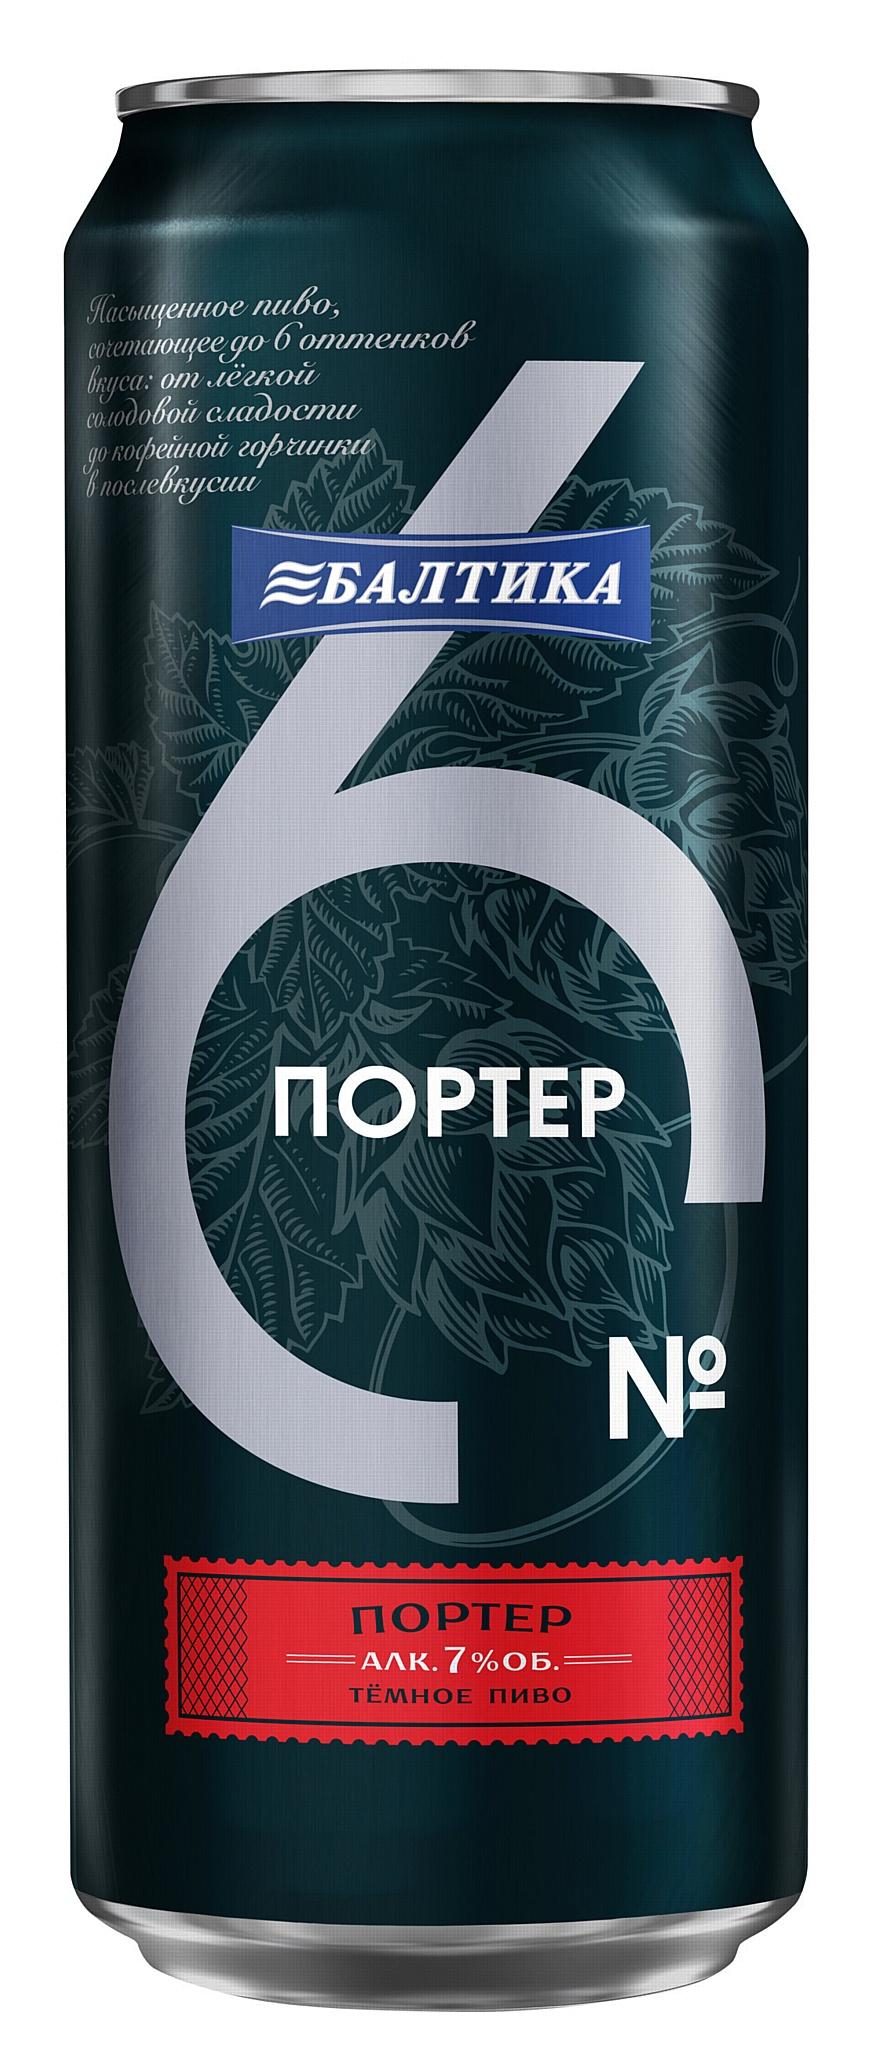 «Балтика 4» и «Балтика 6» впервые выпущены в банке